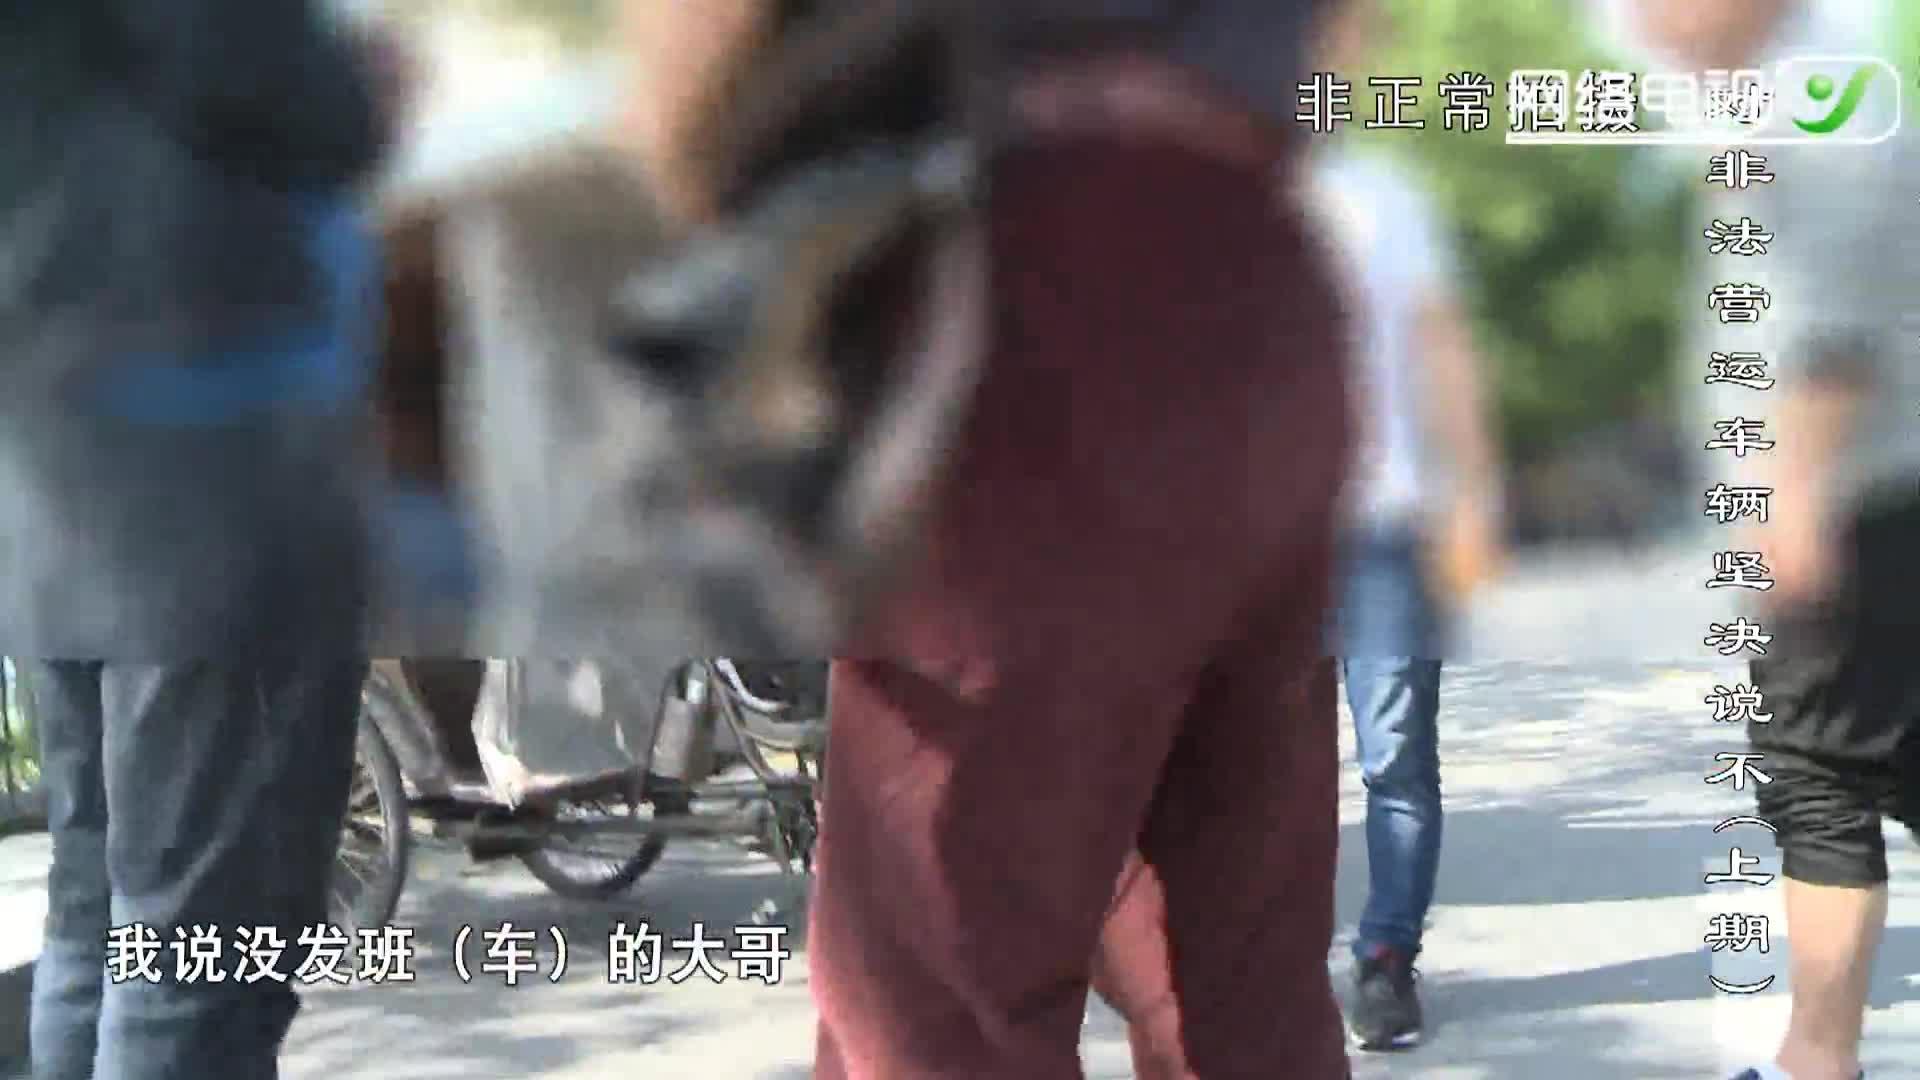 【法治方圆】对非法运营车辆坚决说不(上)